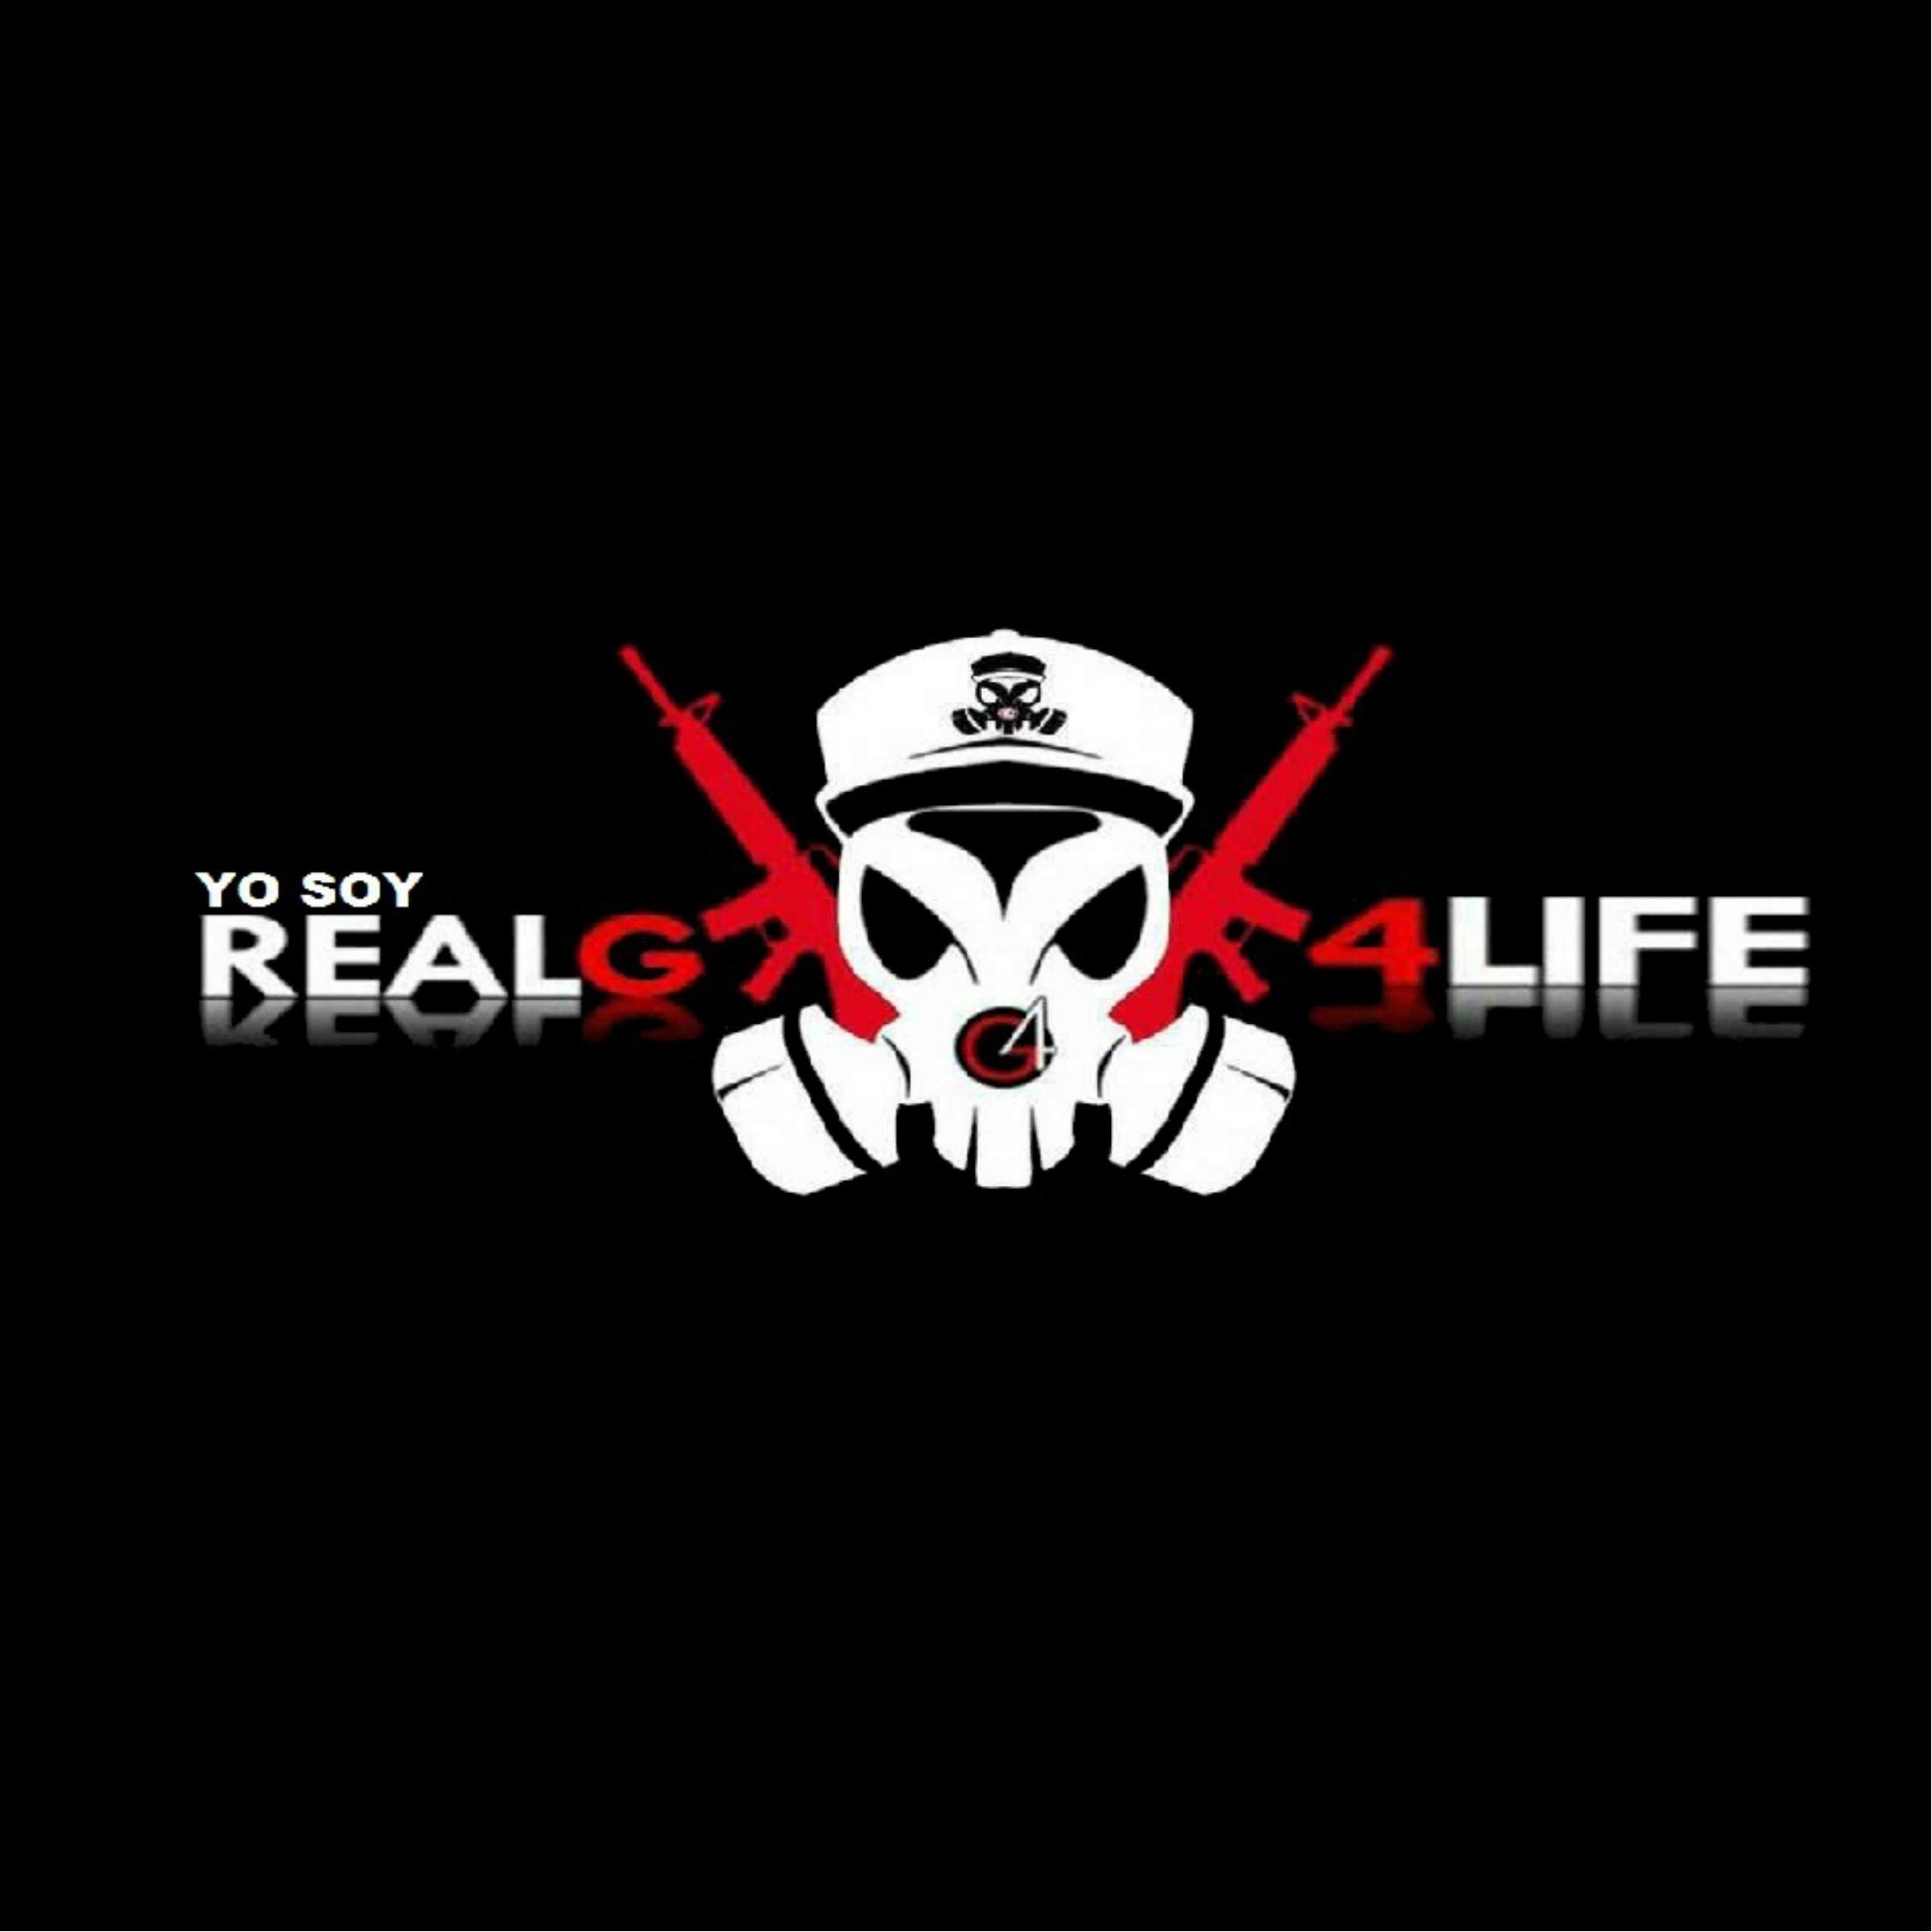 real g4 life logos keep calm logo clipart keep calm logo templates